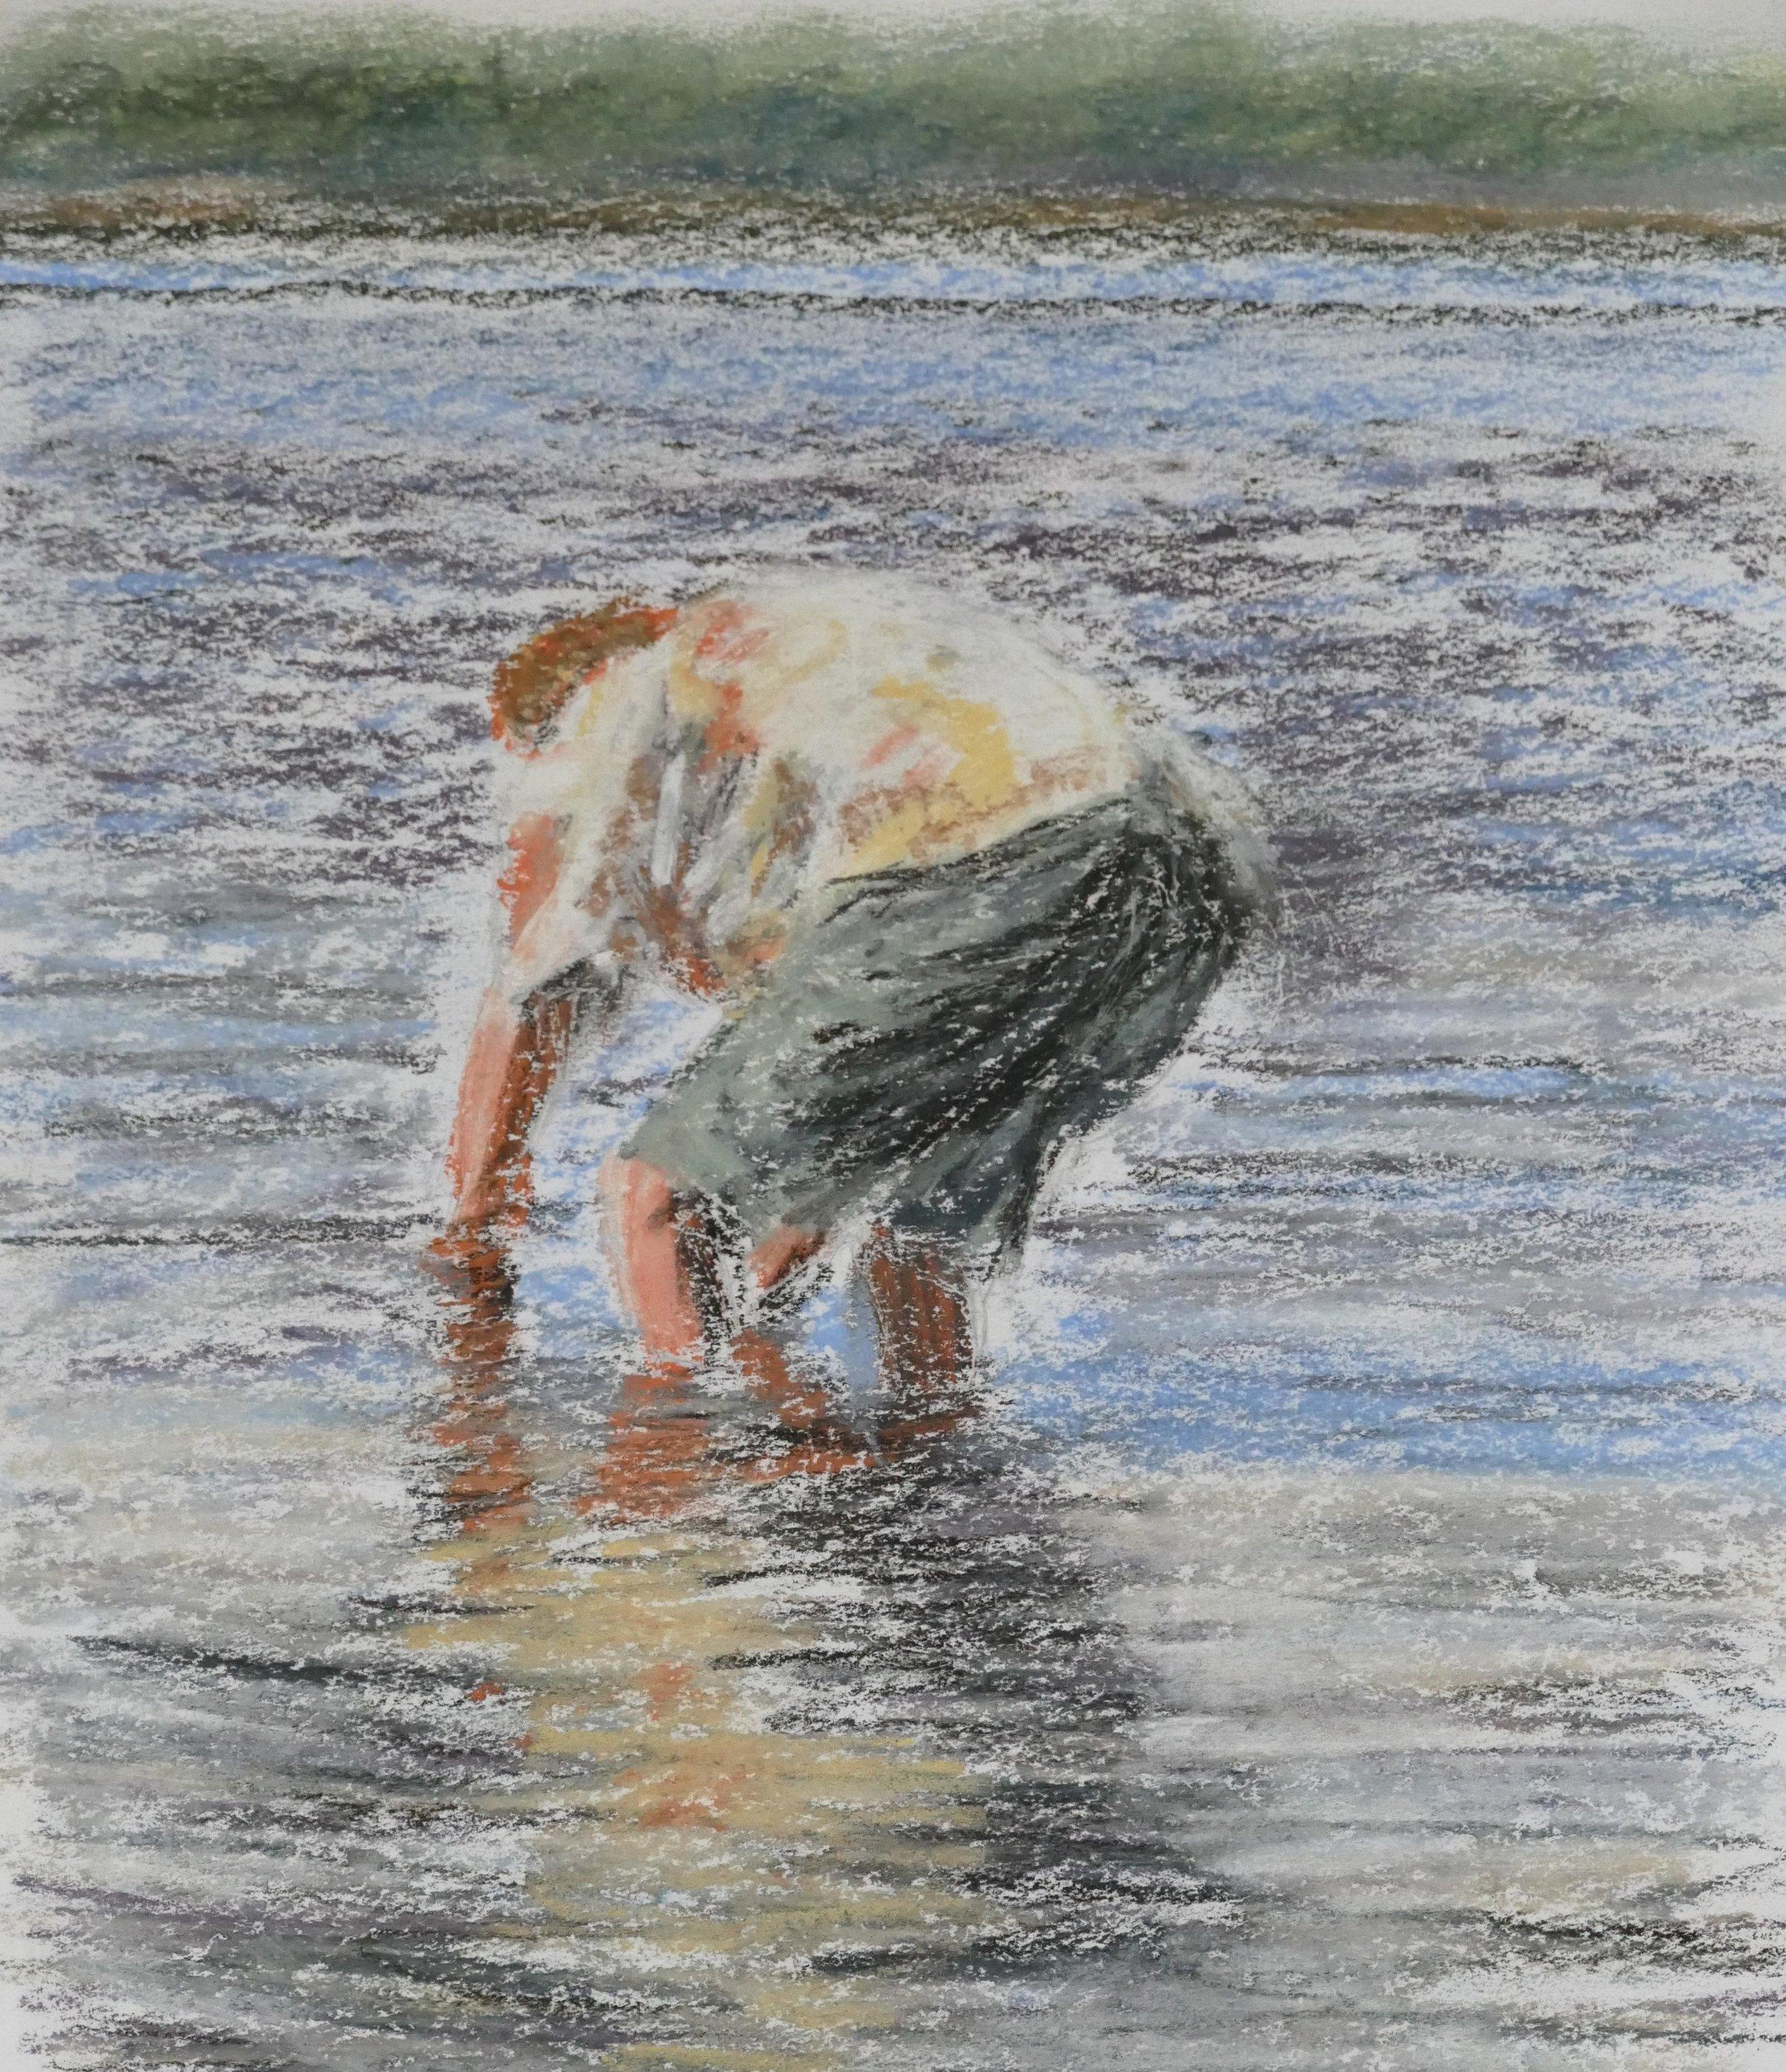 Print 5 - Keaton in Water - Size: 298 x 358